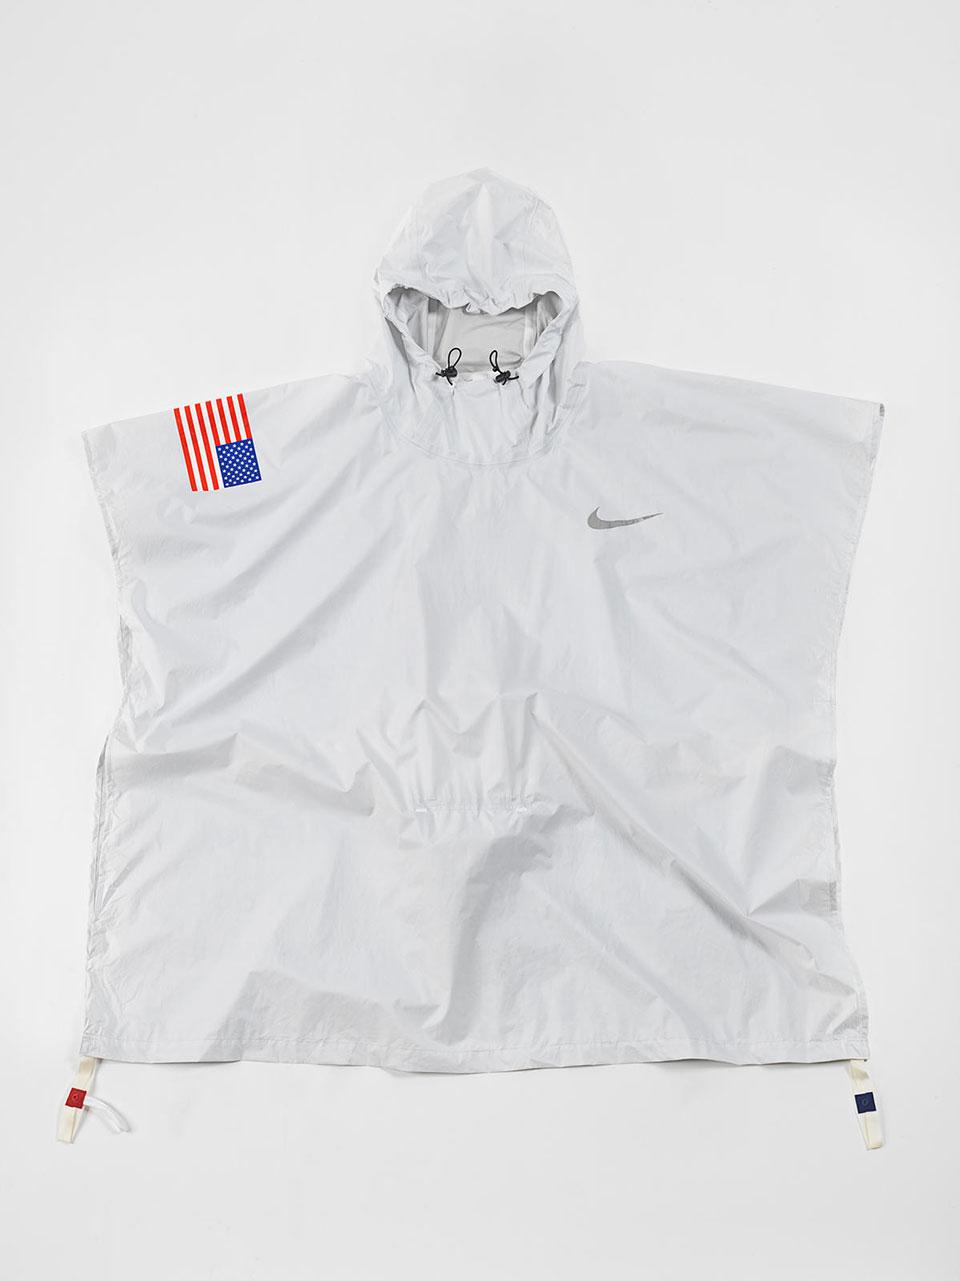 Nike x Tom Sachs Exploding Poncho